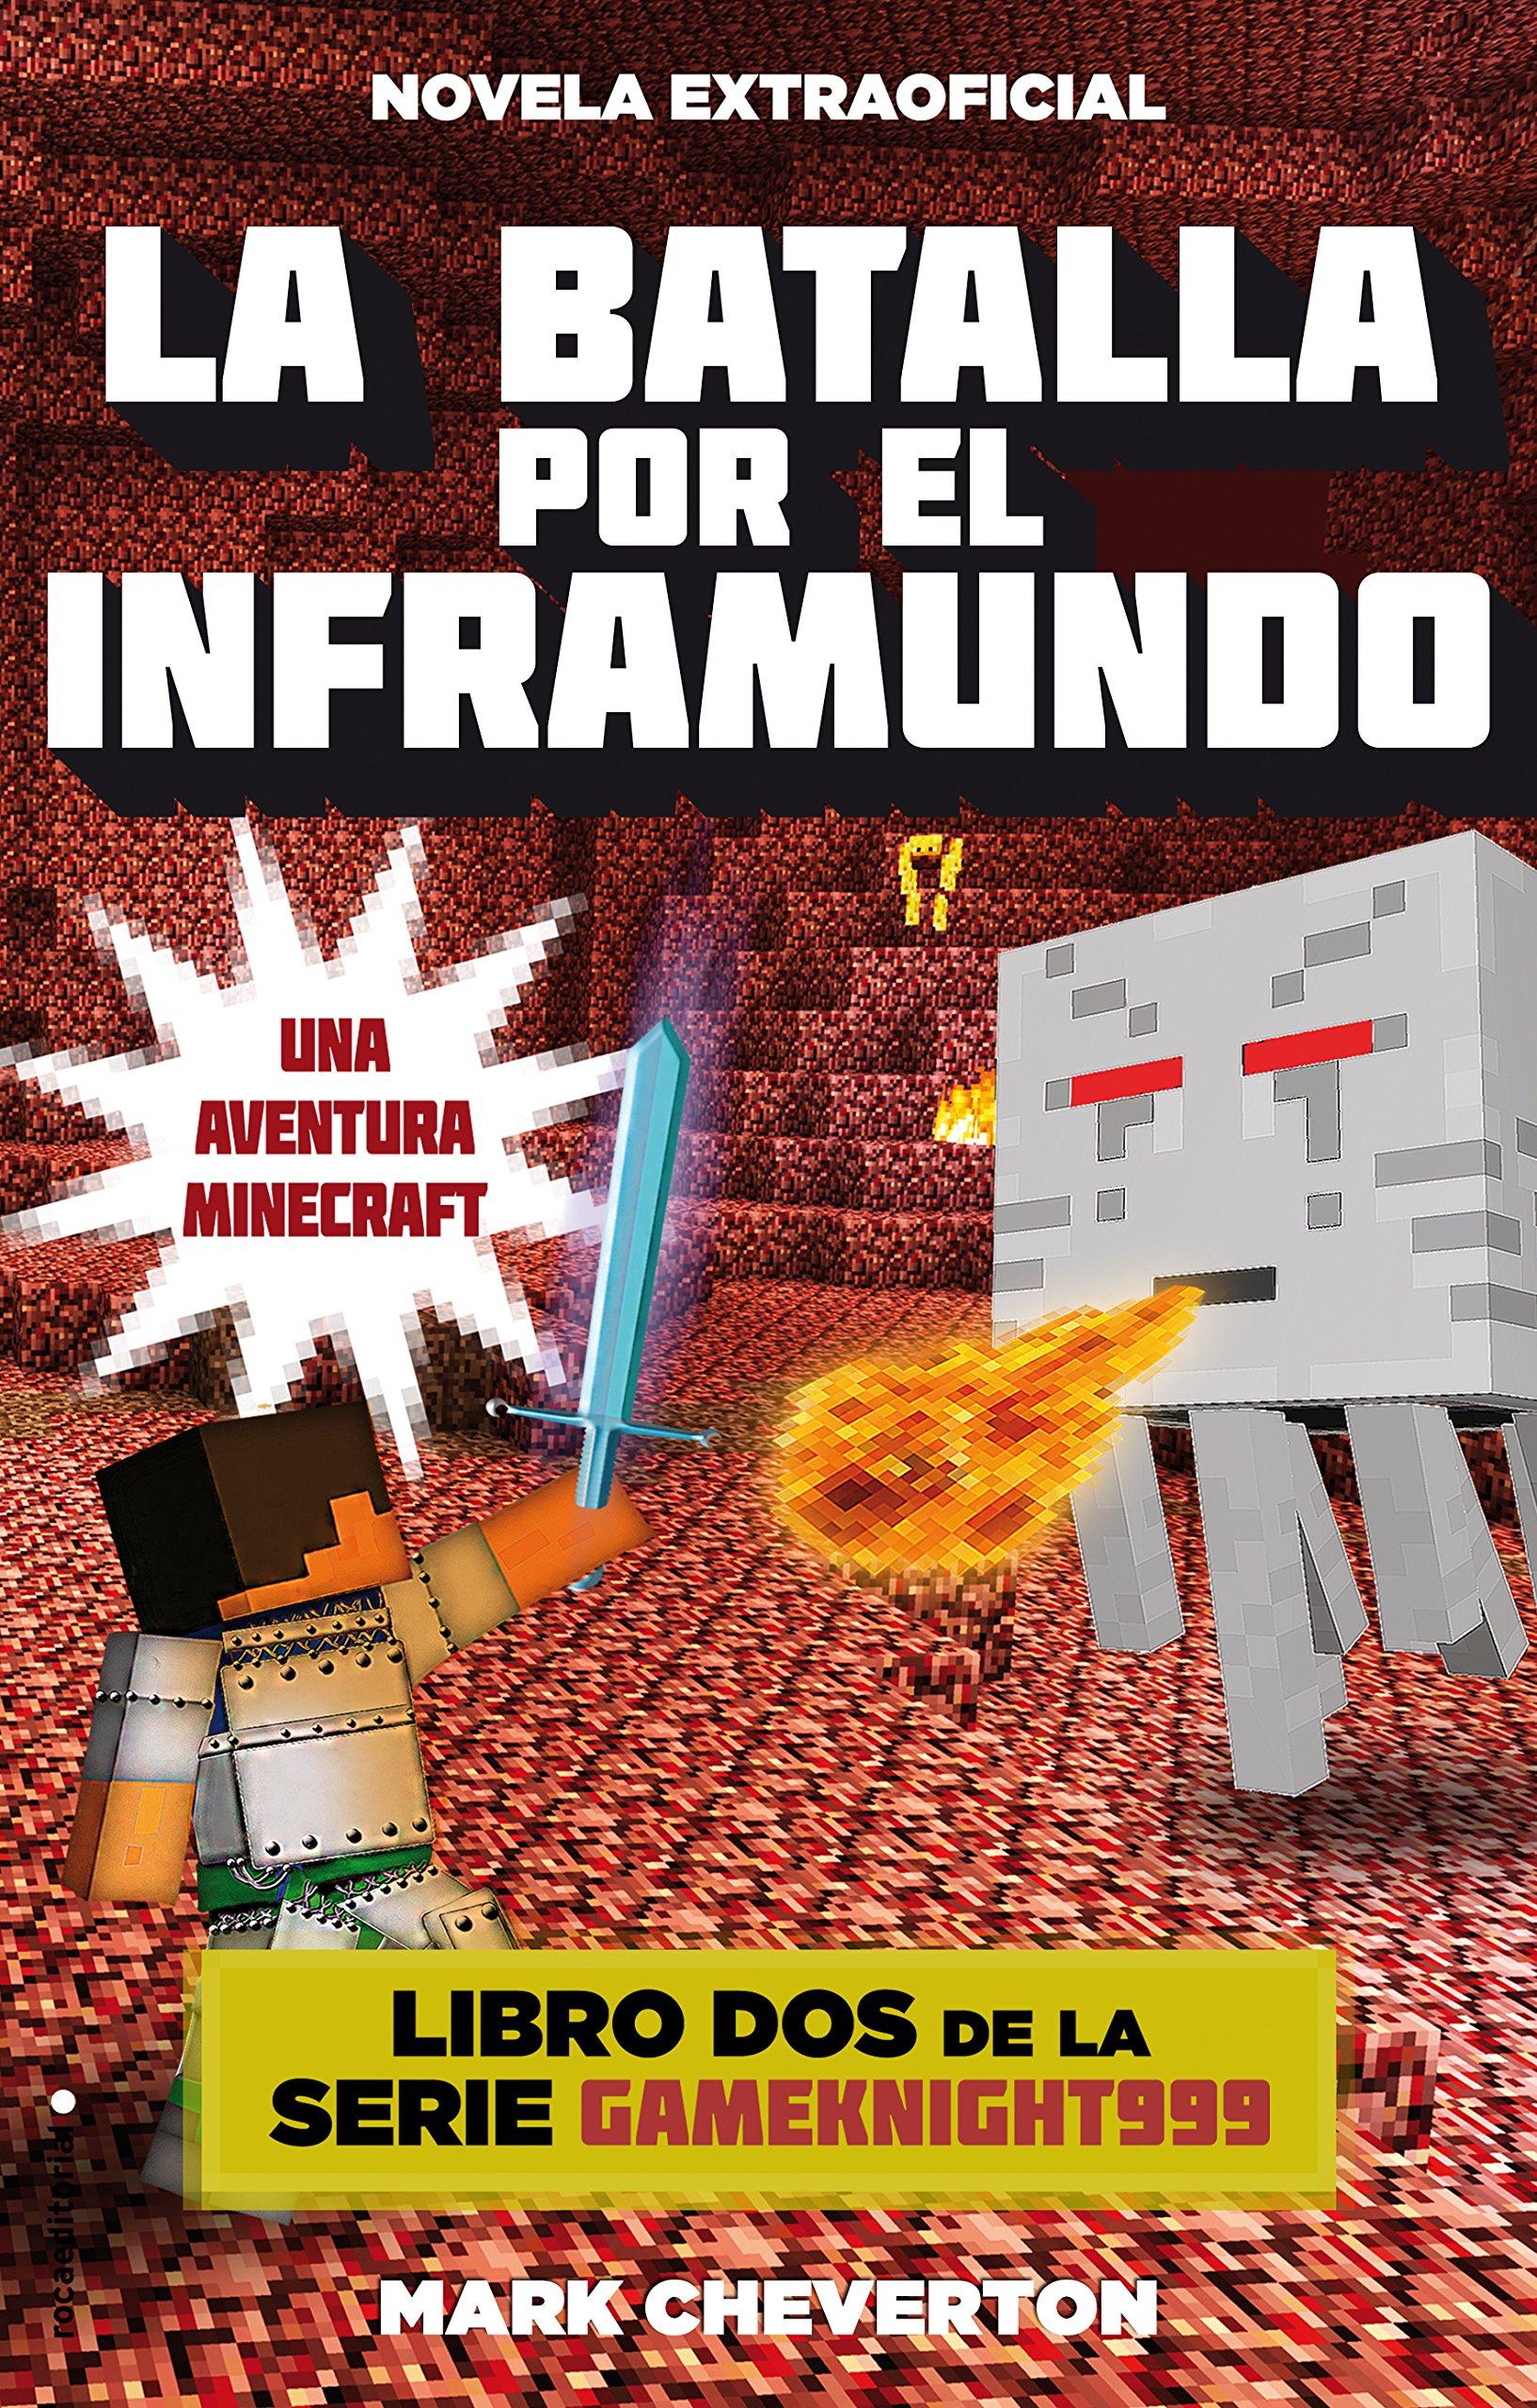 La batalla por el inframundo: Una aventura Minecraft Junior - Juvenil roca: Amazon.es: Mark Cheverton, Elia Maqueda: Libros